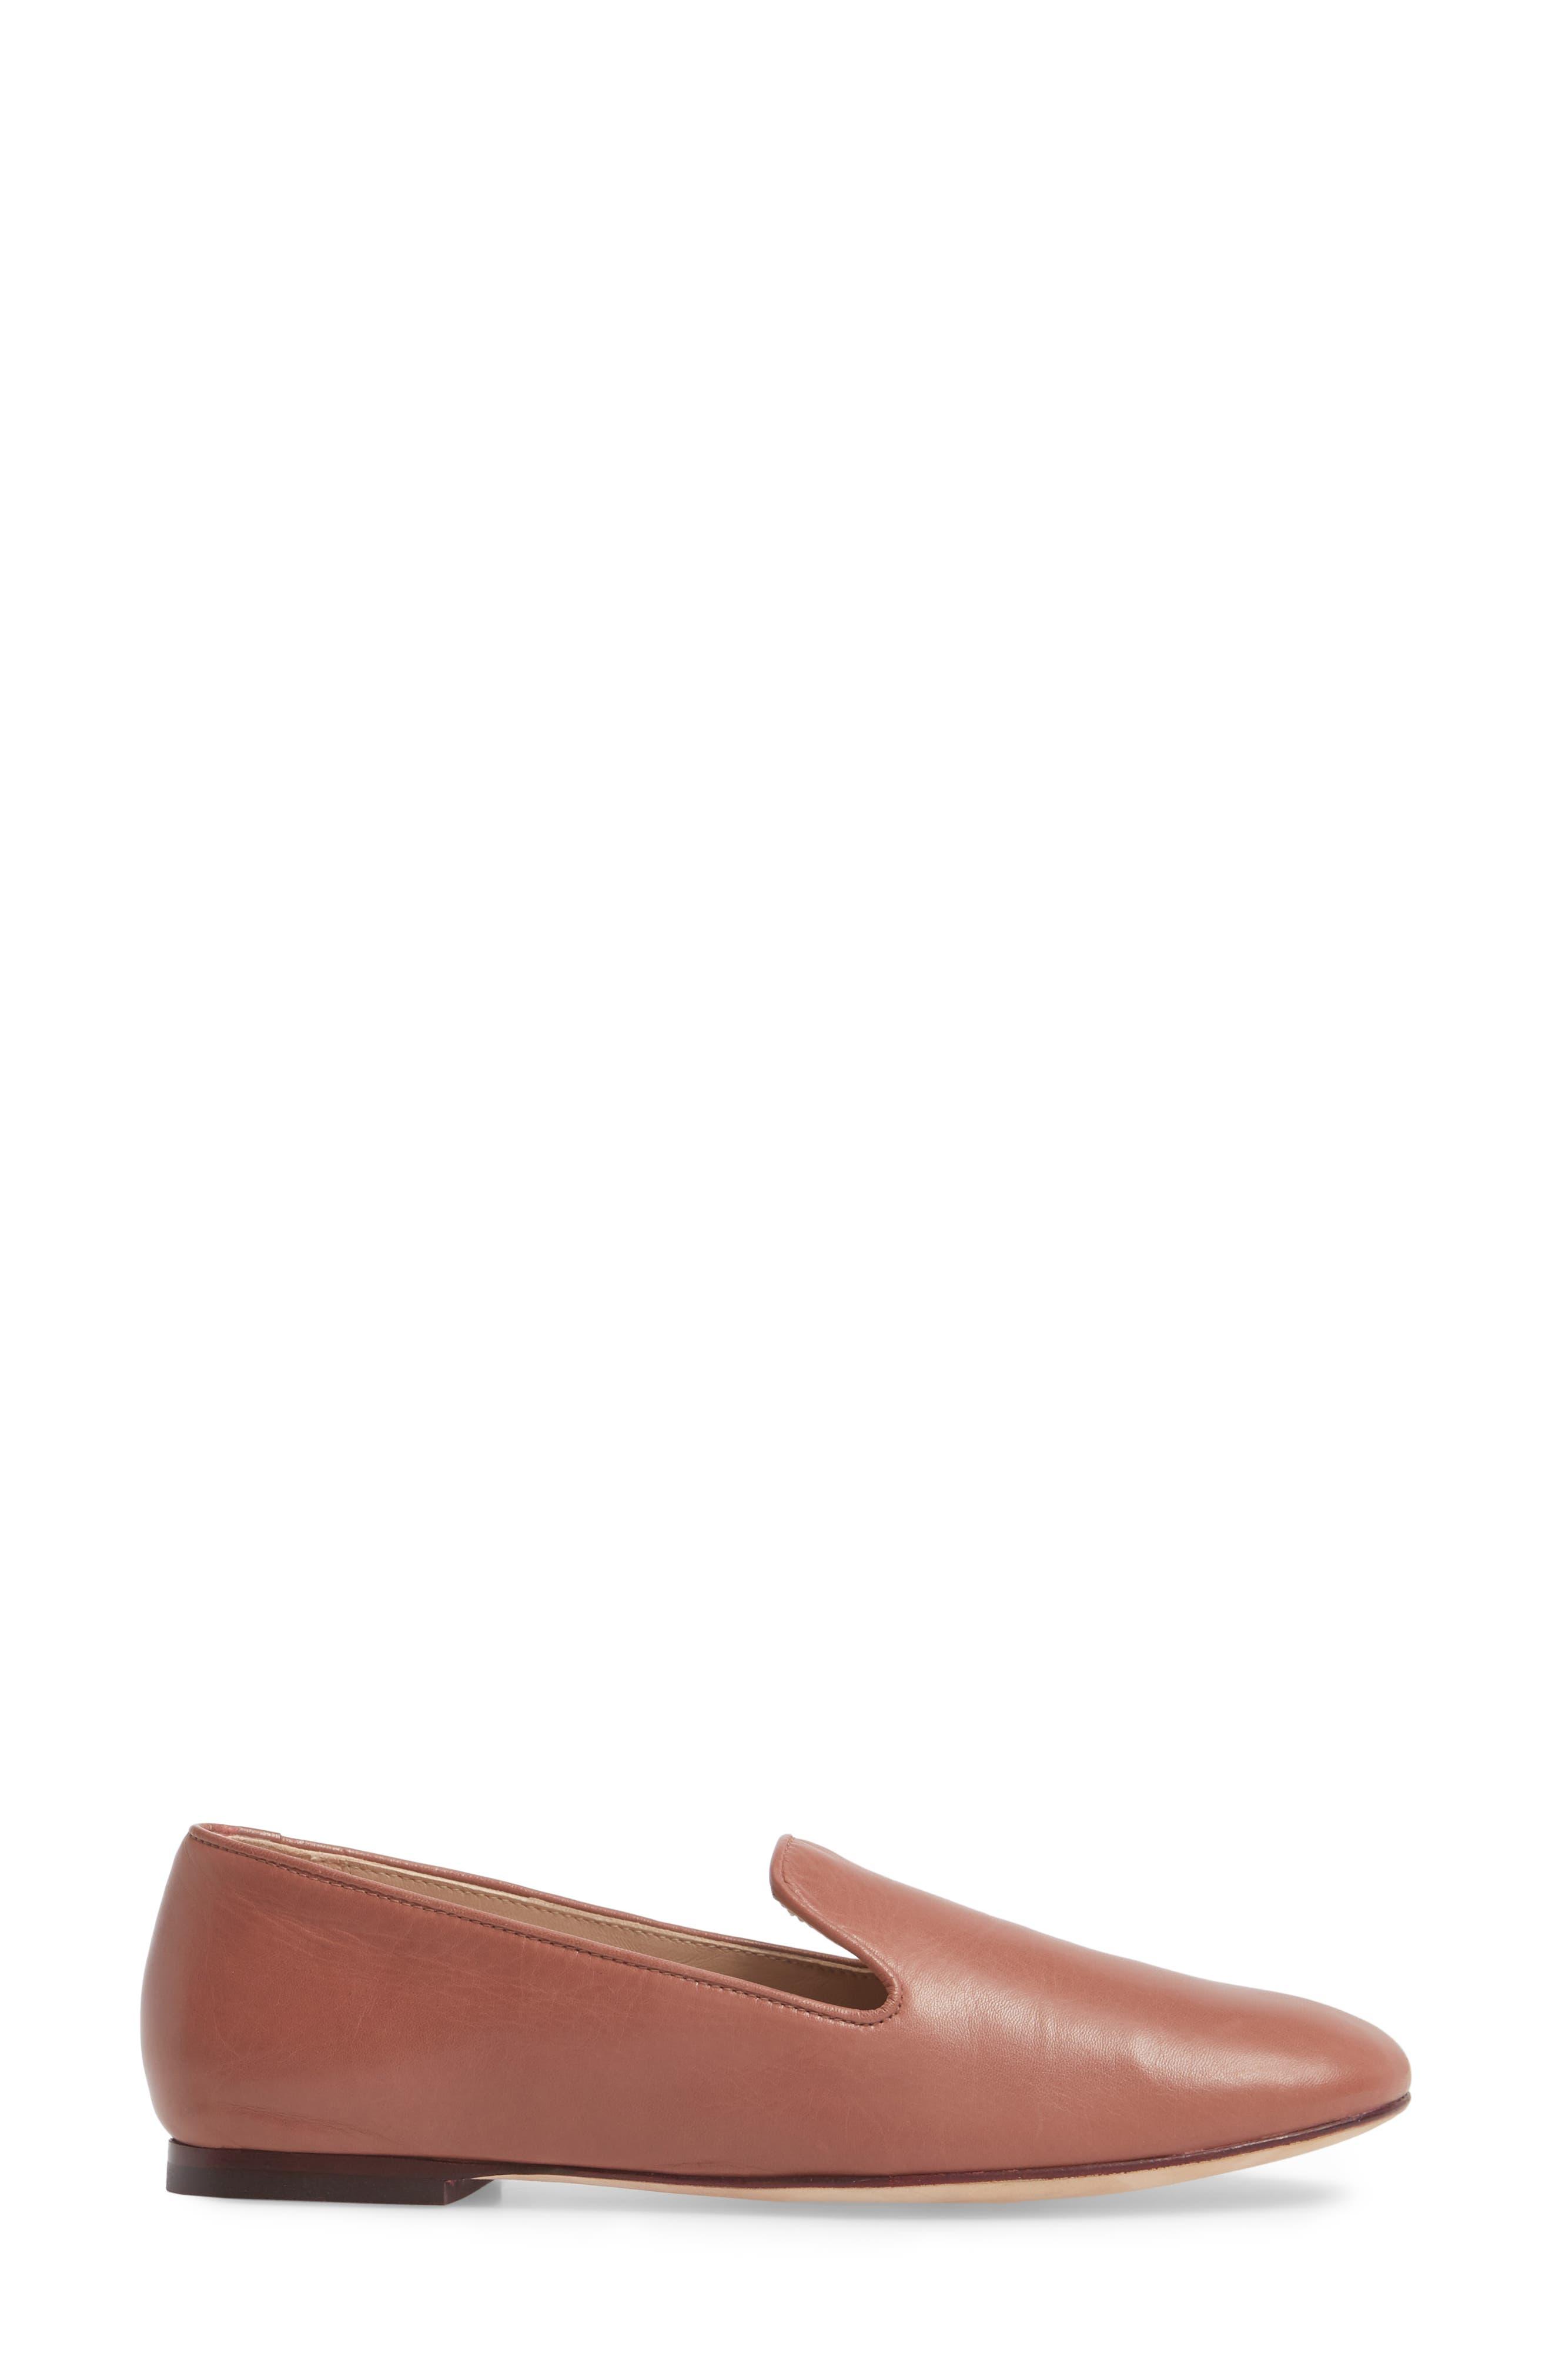 Myguy Venetian Loafer,                             Alternate thumbnail 17, color,